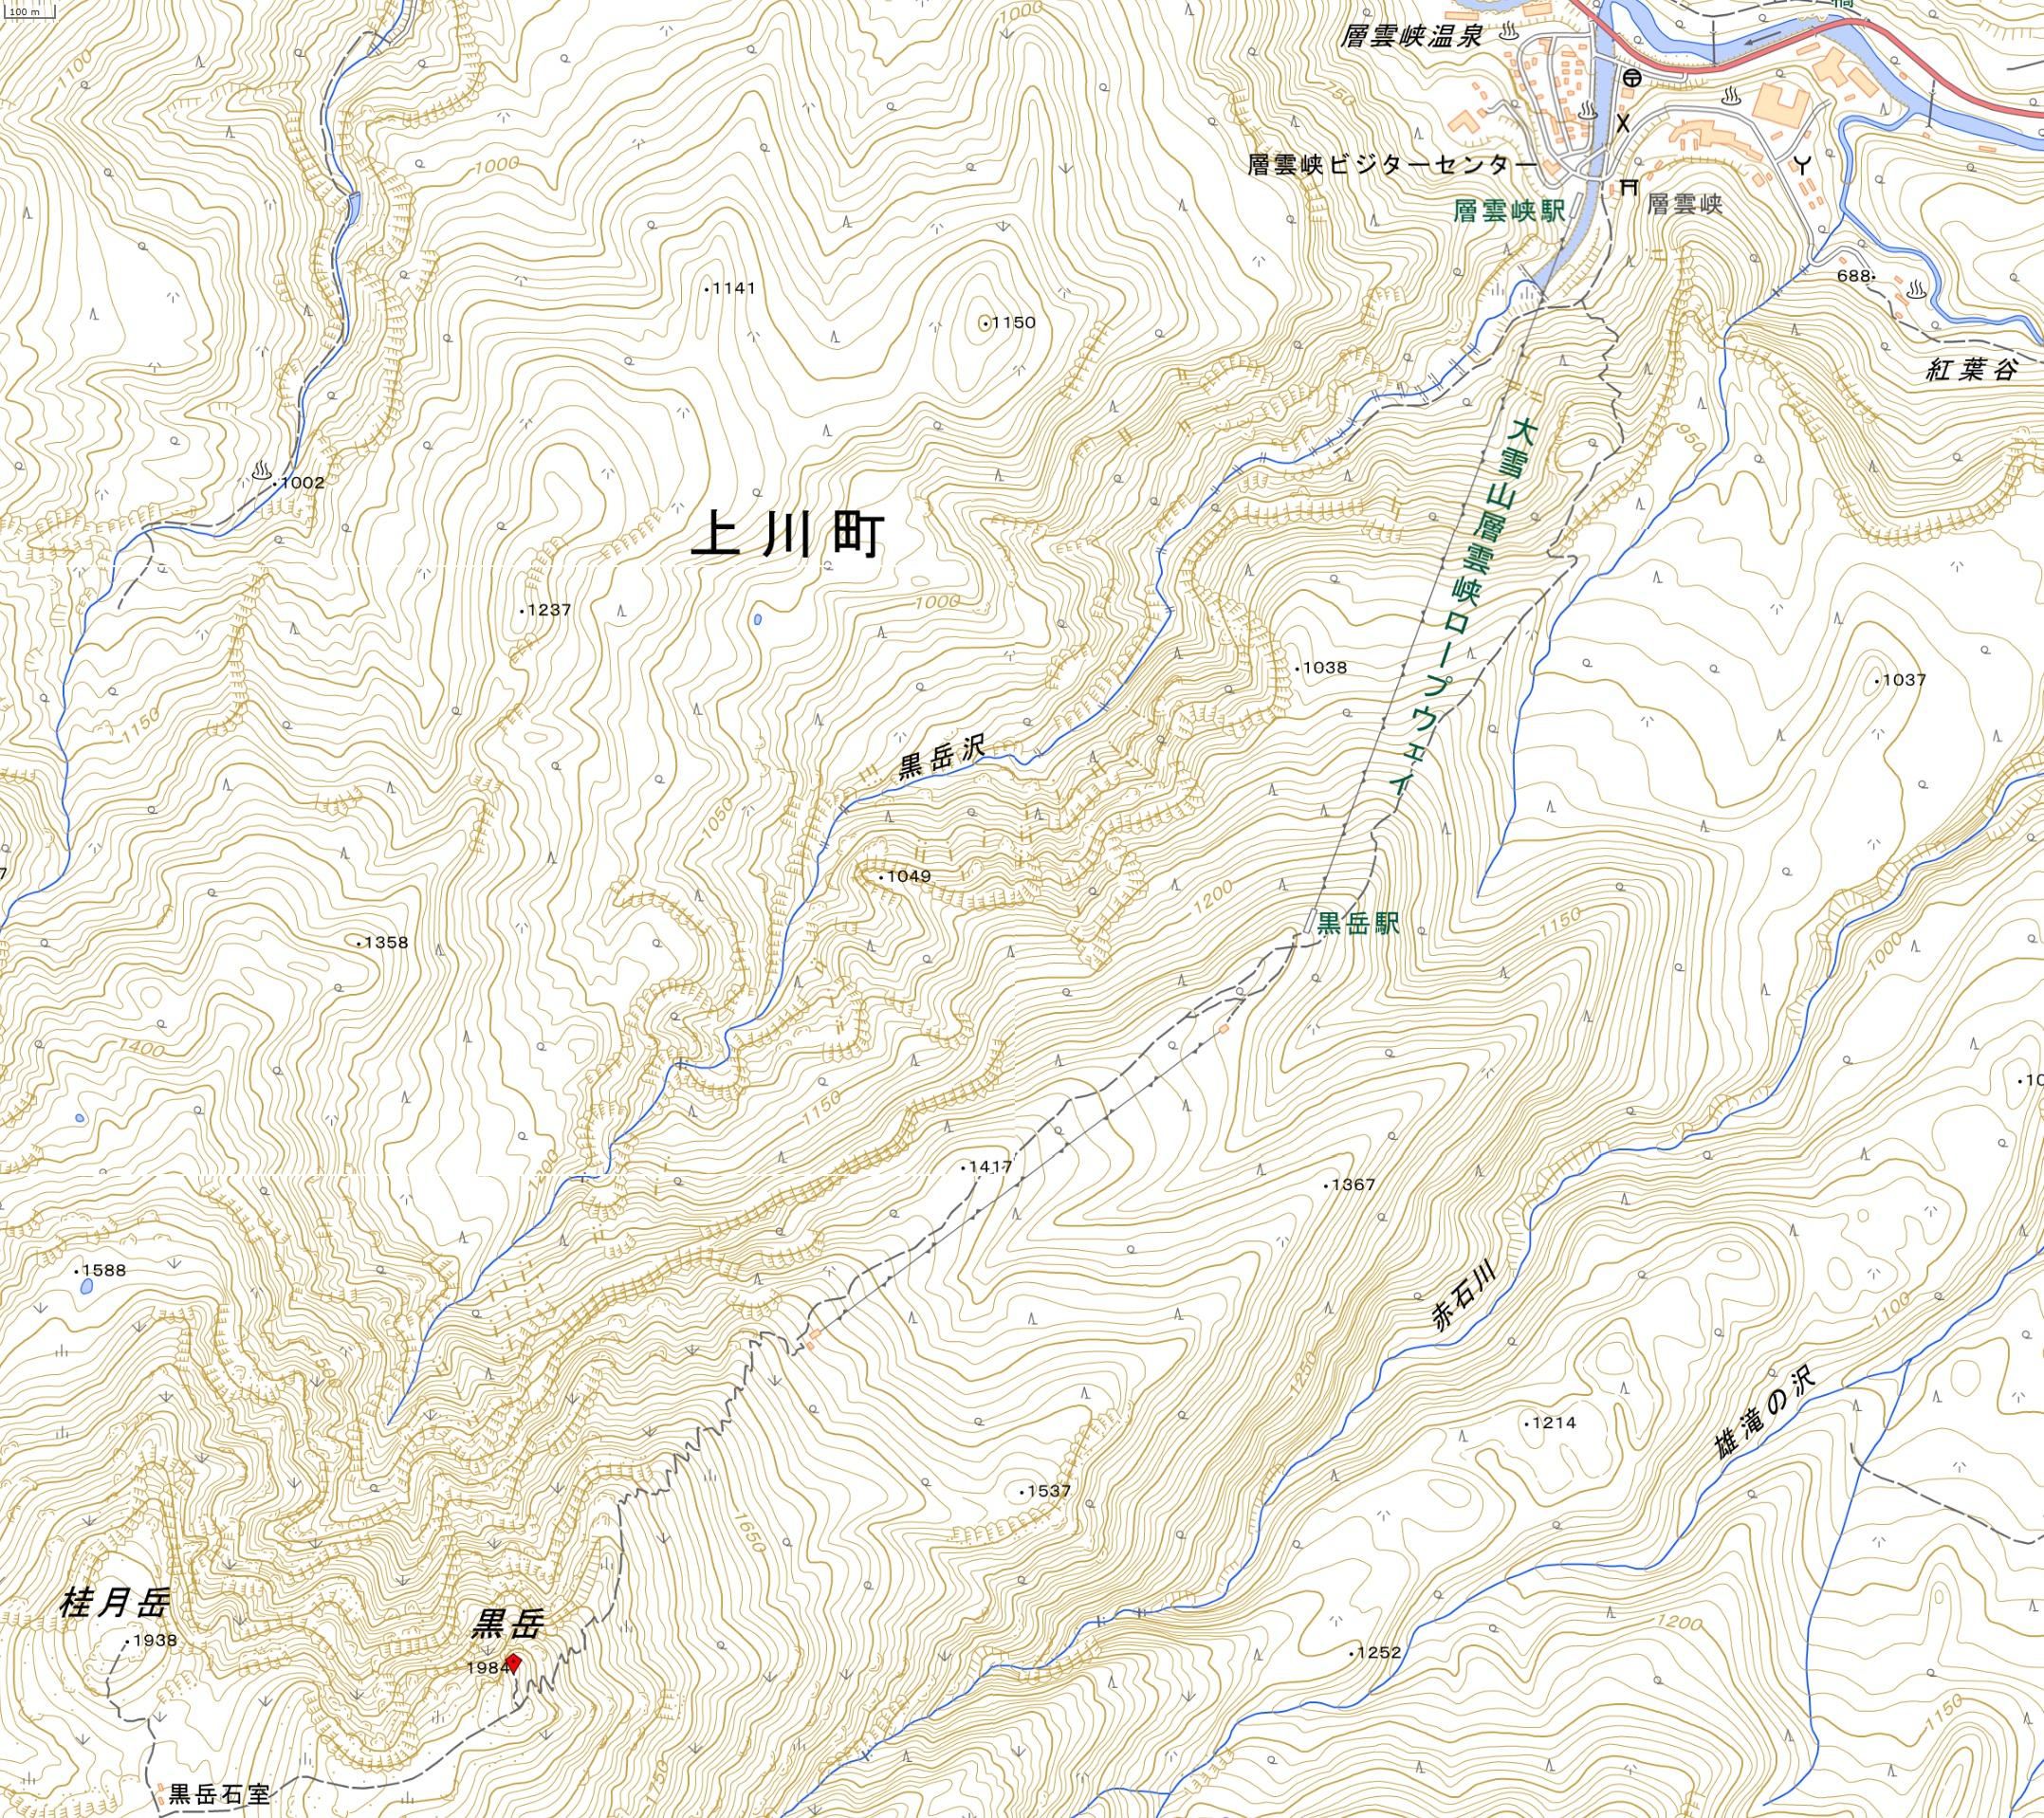 黒岳登山ルート(国土地理院地図閲覧サービスより)